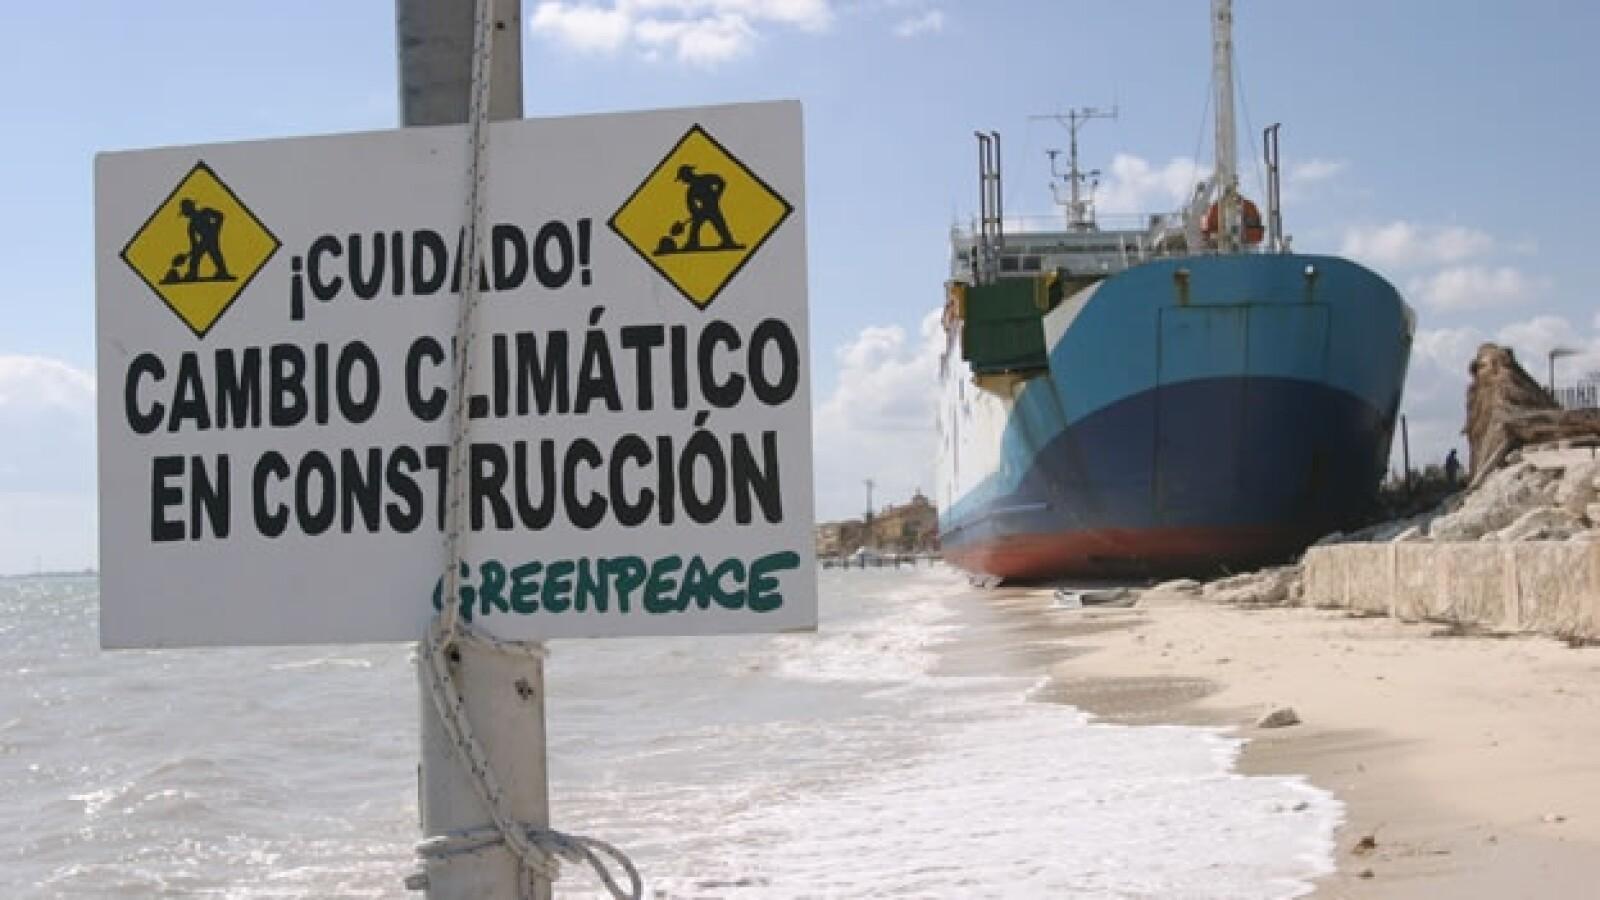 greenpeace cambio climatico mexico